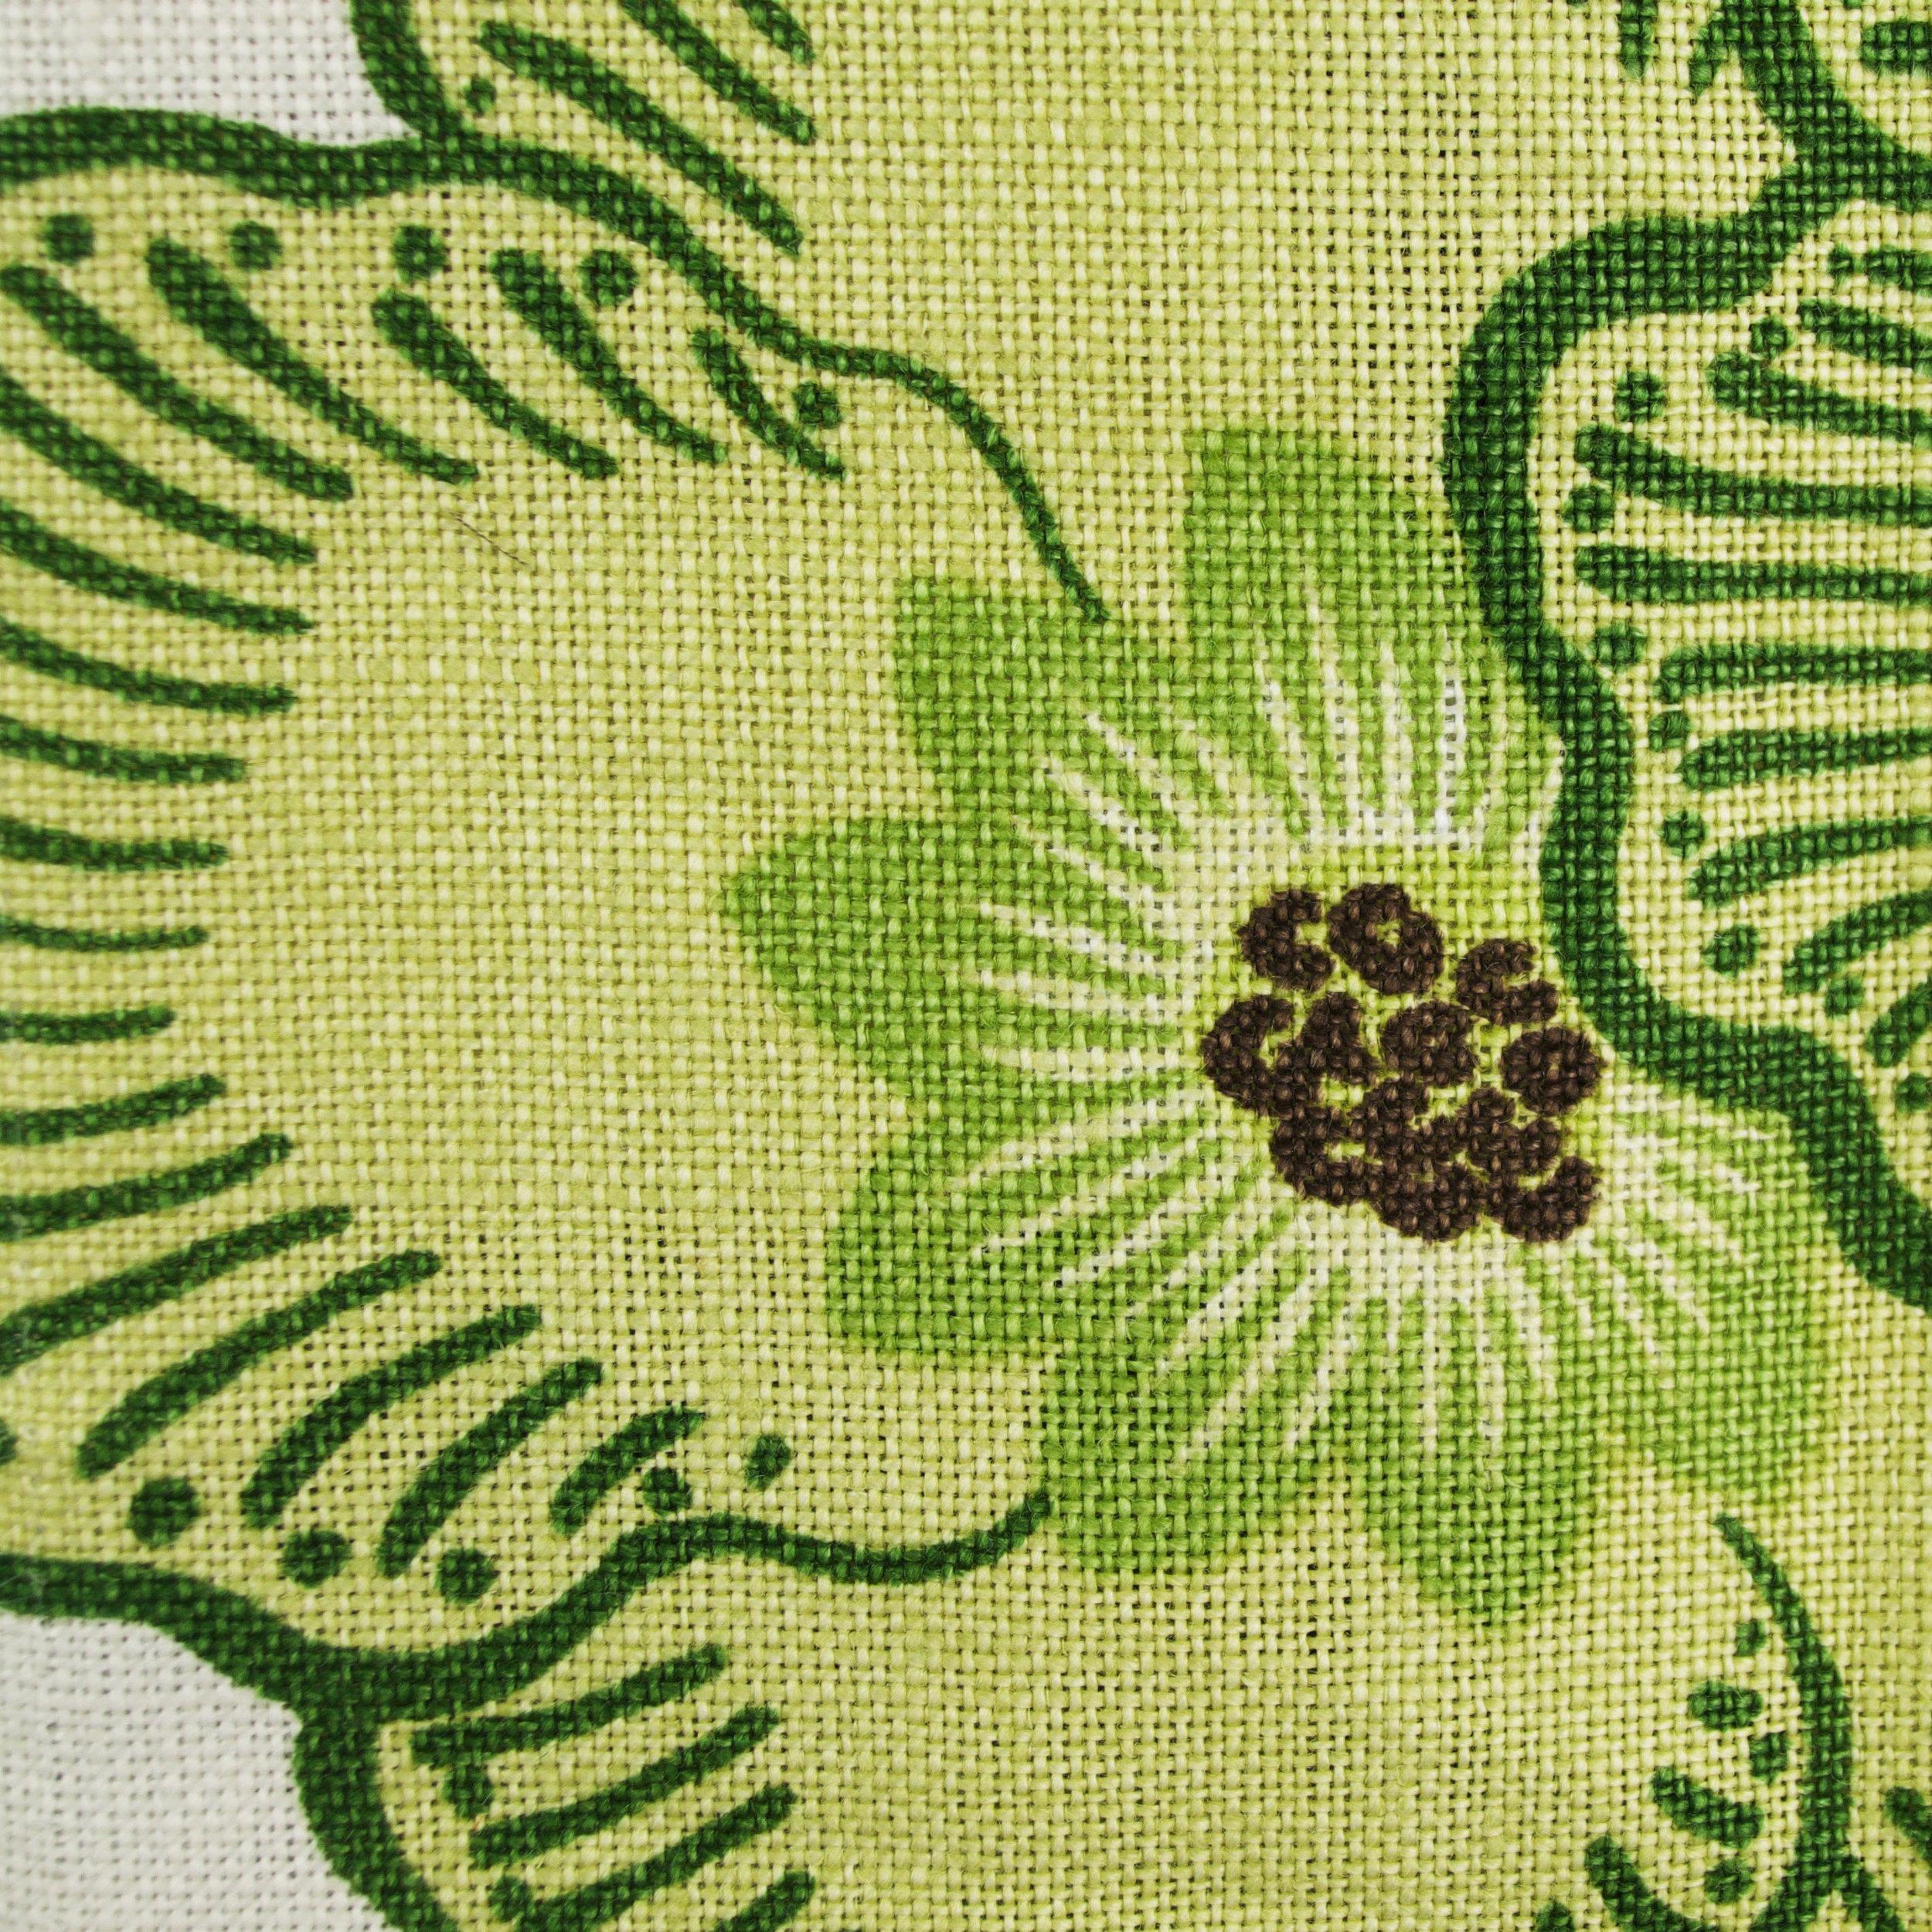 FabricSwatch5.jpg